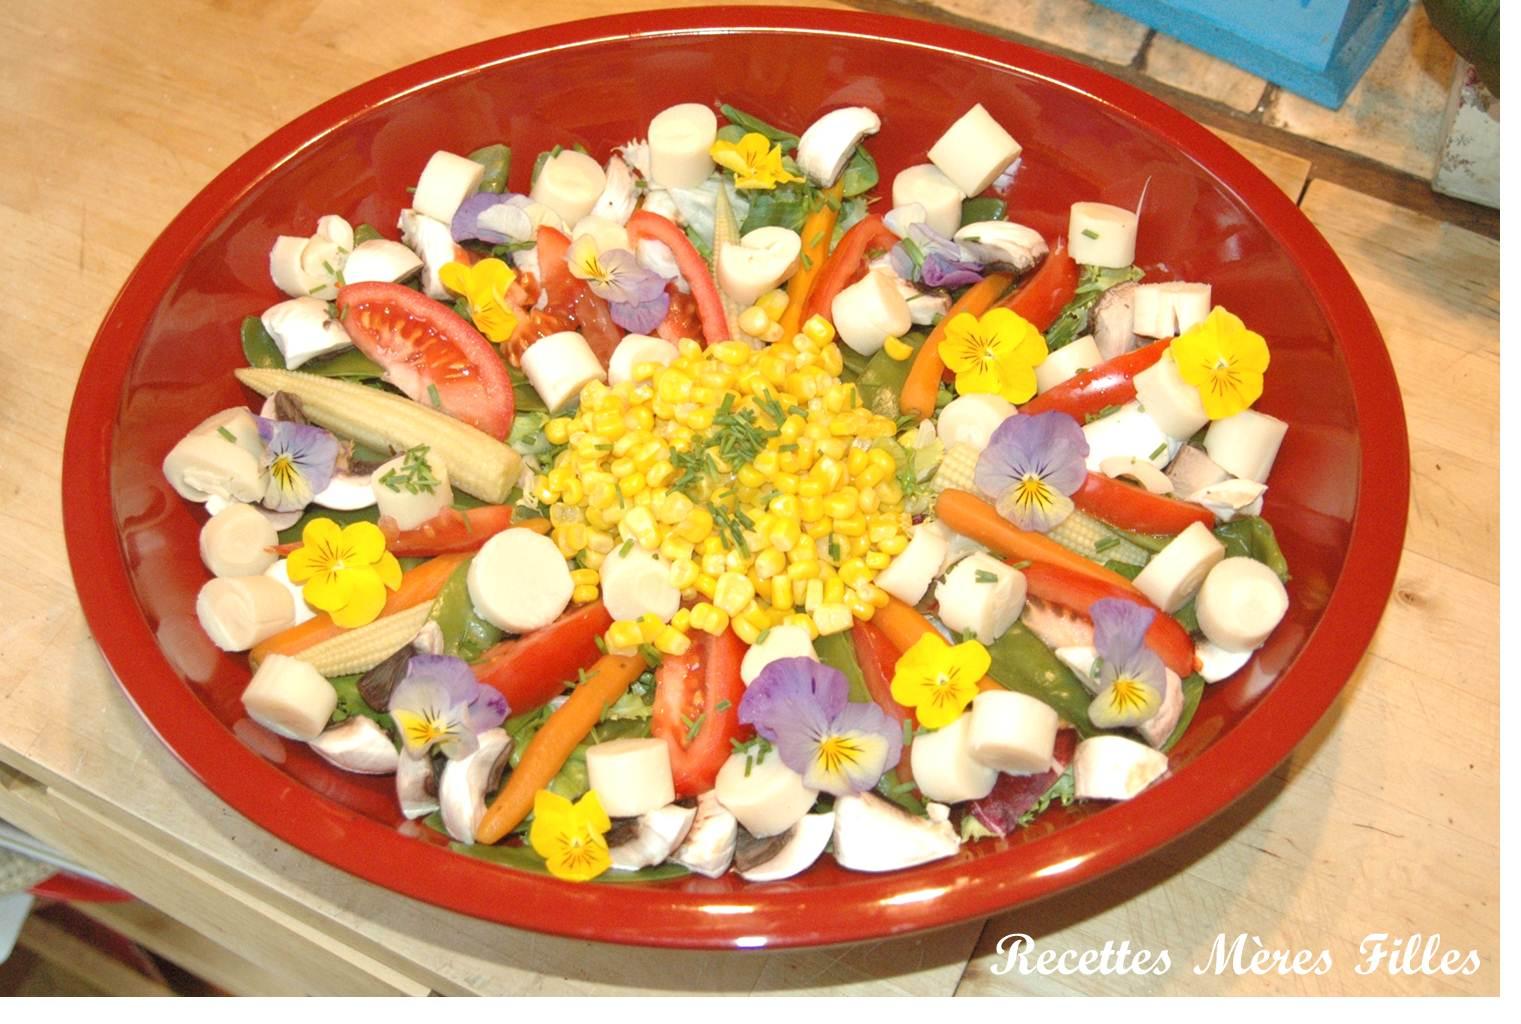 La recette legere salade pintaniere blogs de cuisine - Cuisine legere marmiton ...